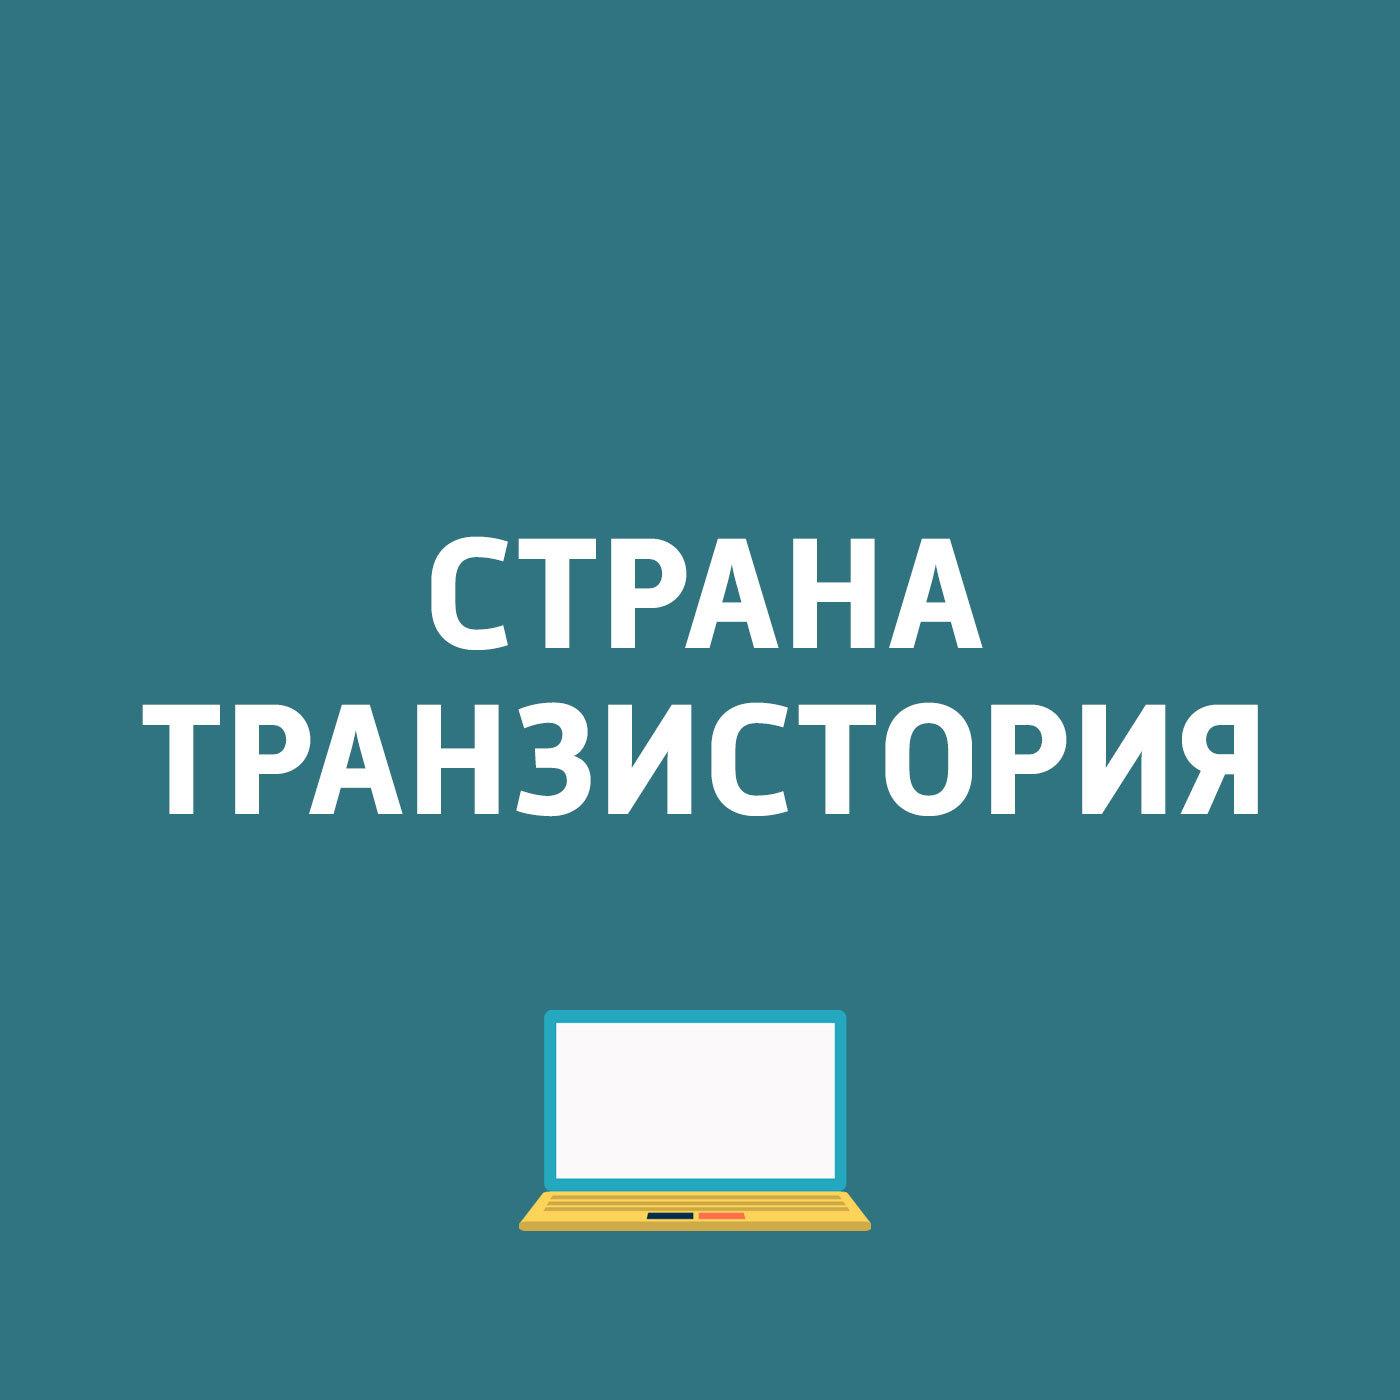 Картаев Павел Archos объявила о старте продаж планшета 70c Neon в России картаев павел бискотти